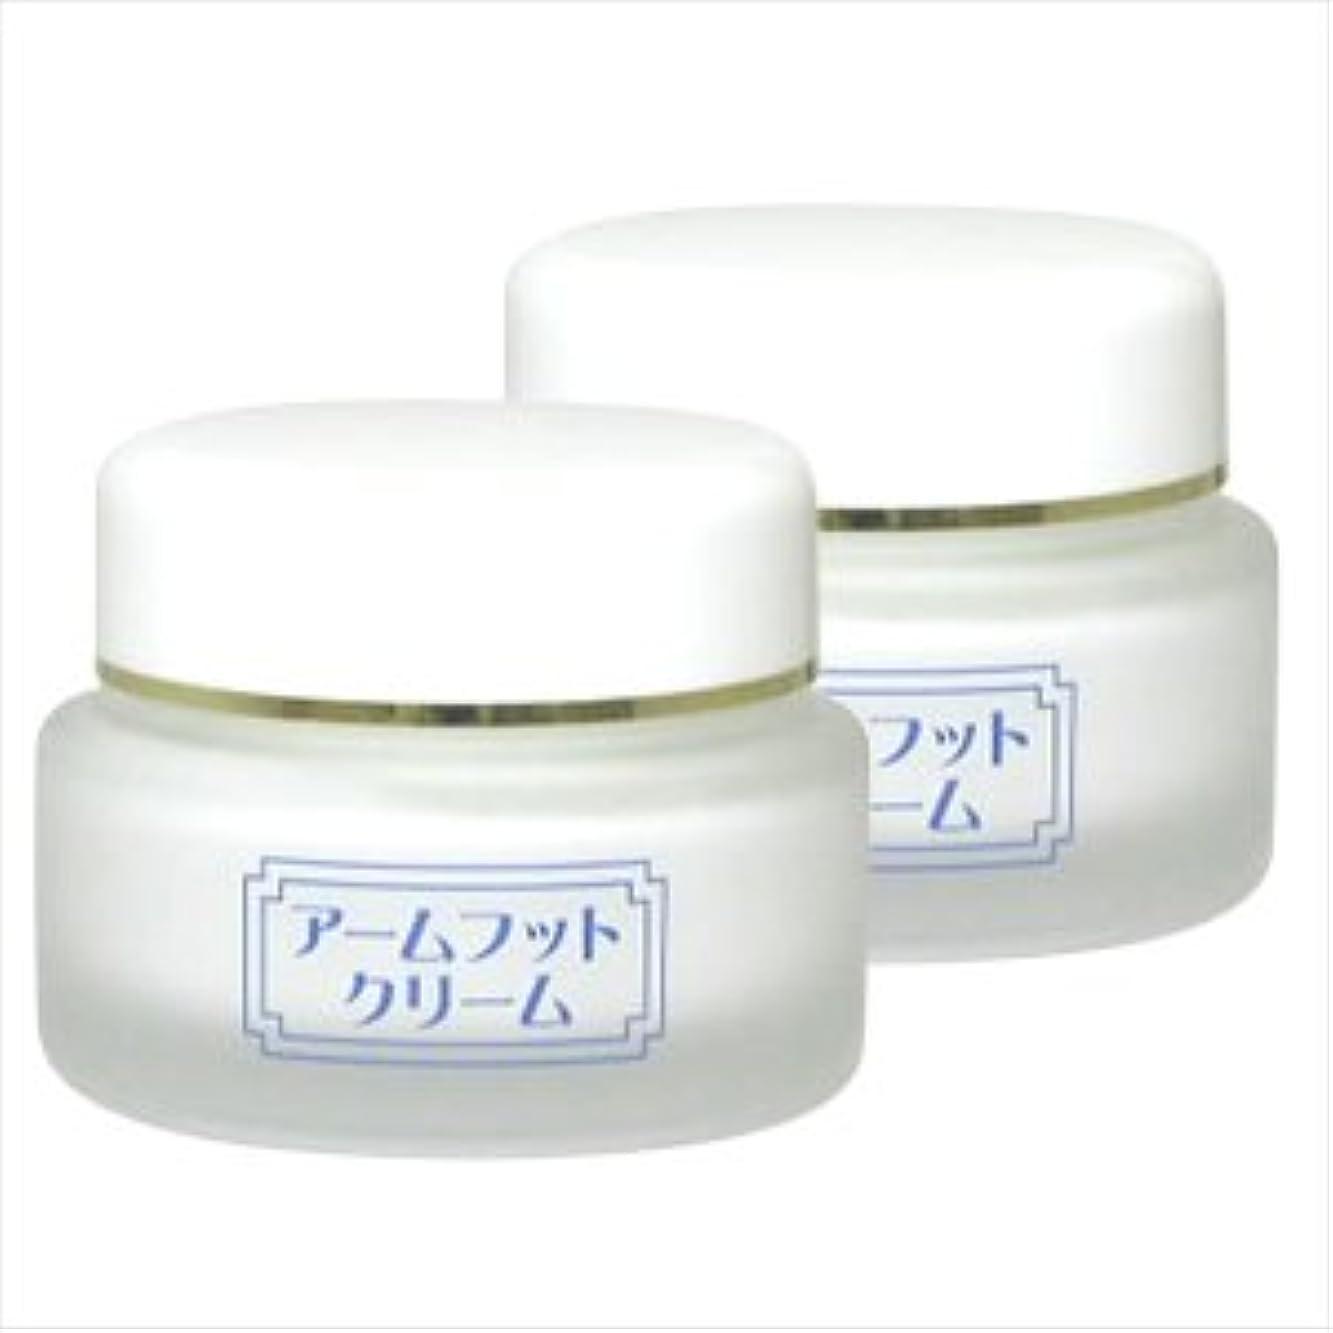 伝導成熟に対応する薬用デオドラントクリーム アームフットクリーム(20g) (2個セット)